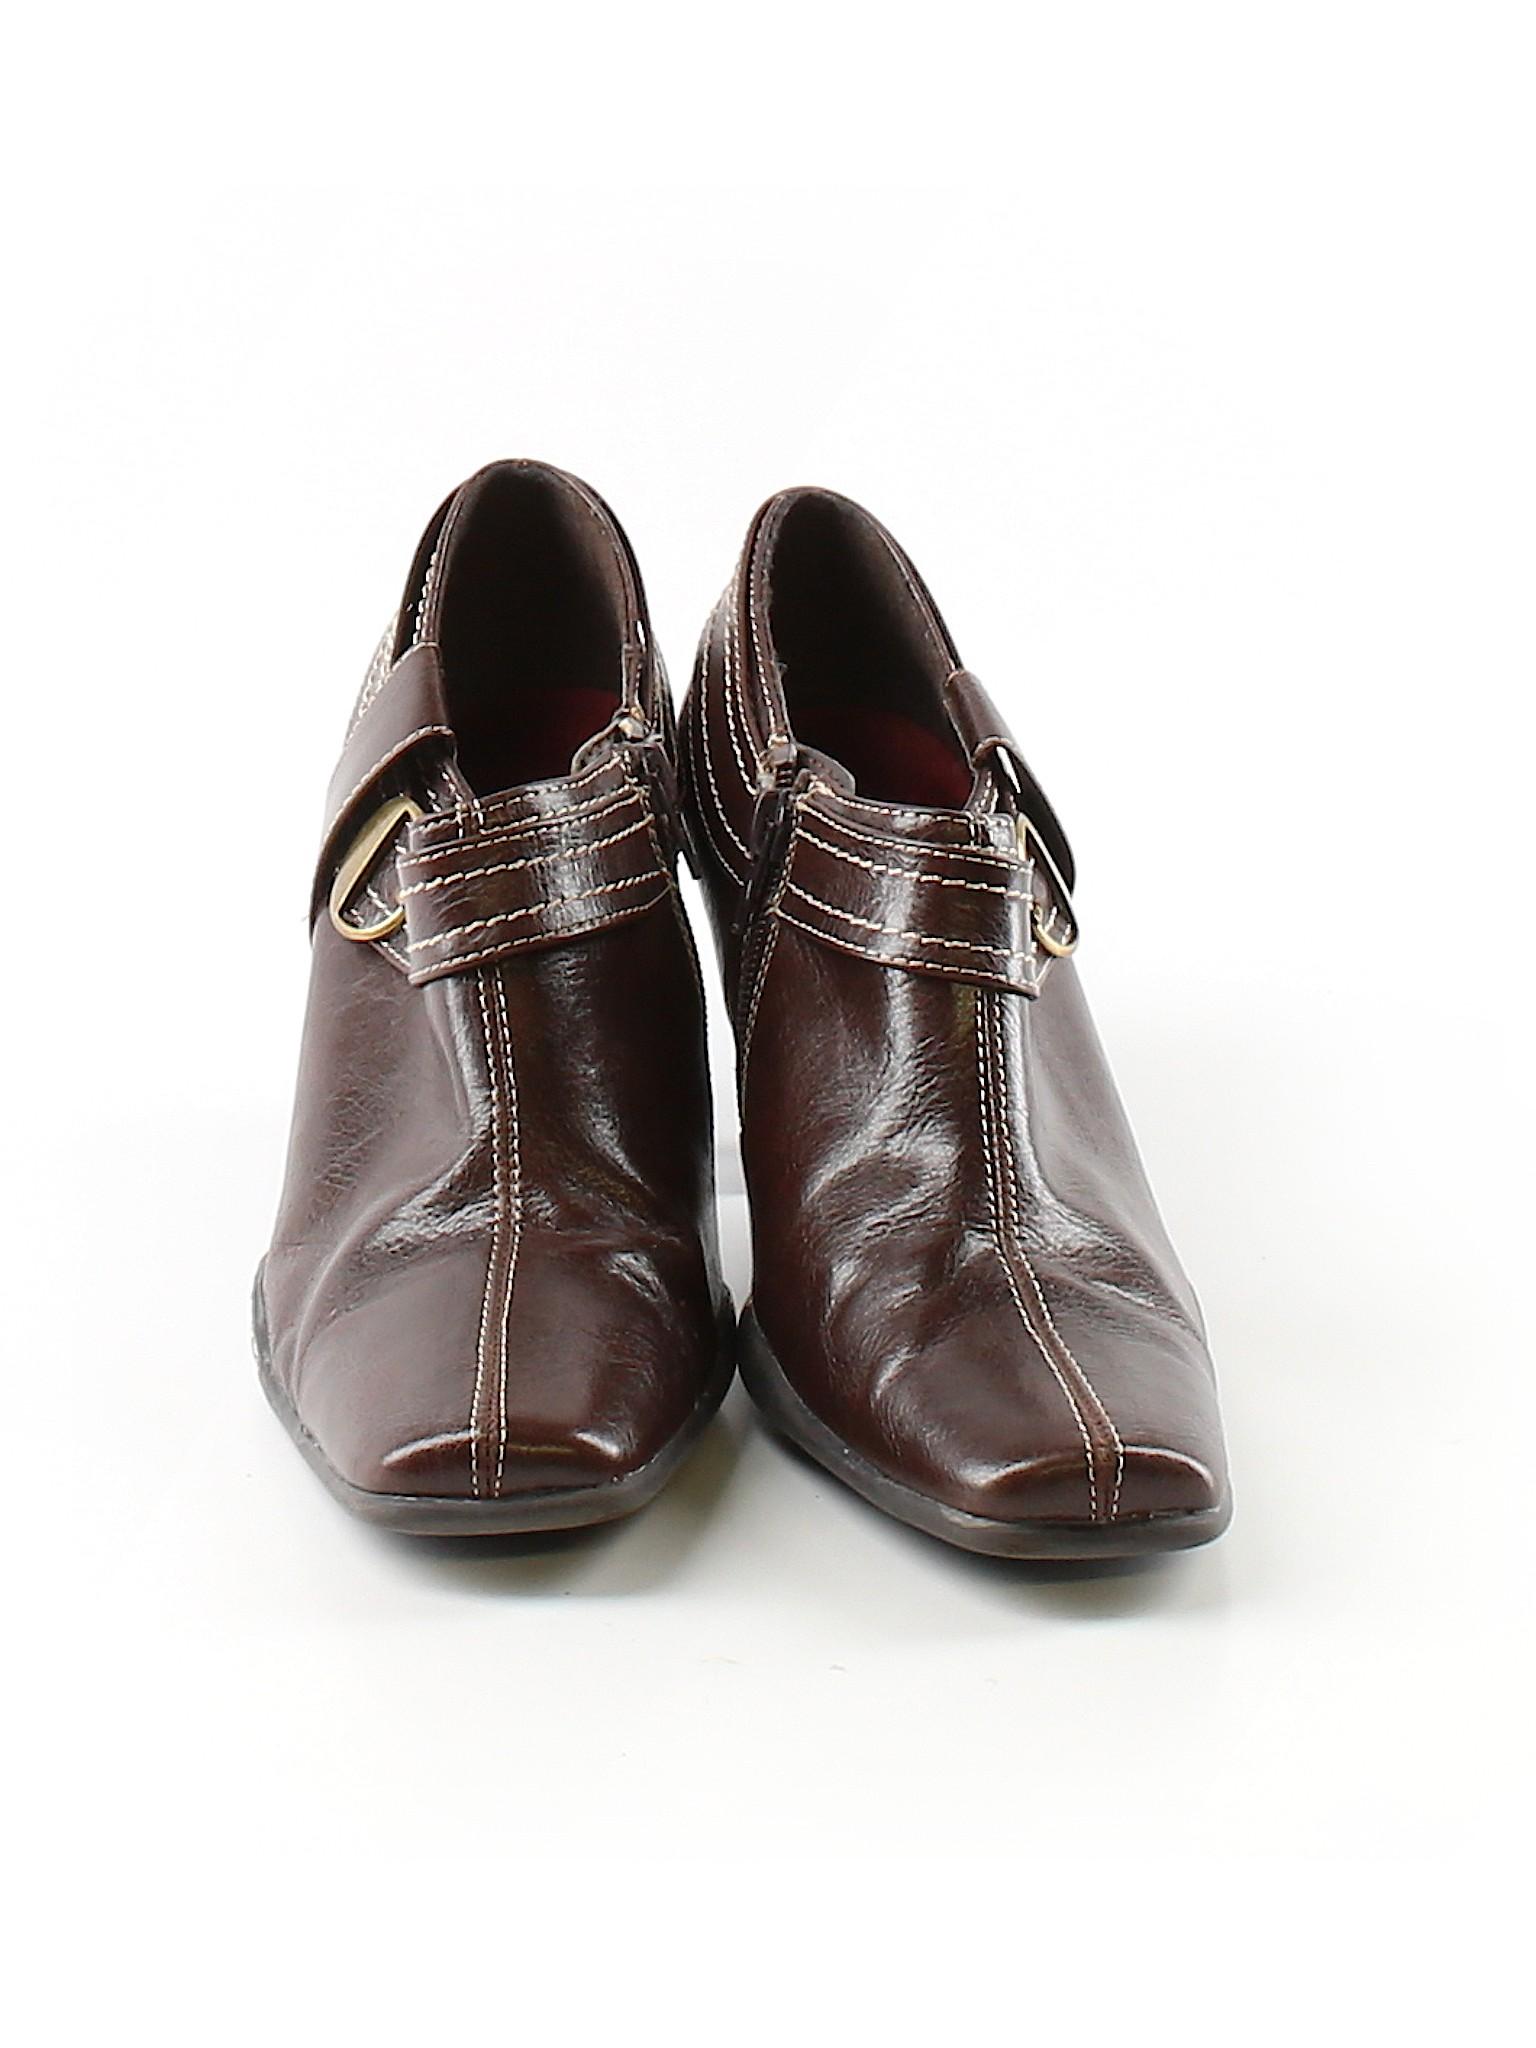 Boutique Ankle by Boots Aerosoles A2 promotion aFwq8az